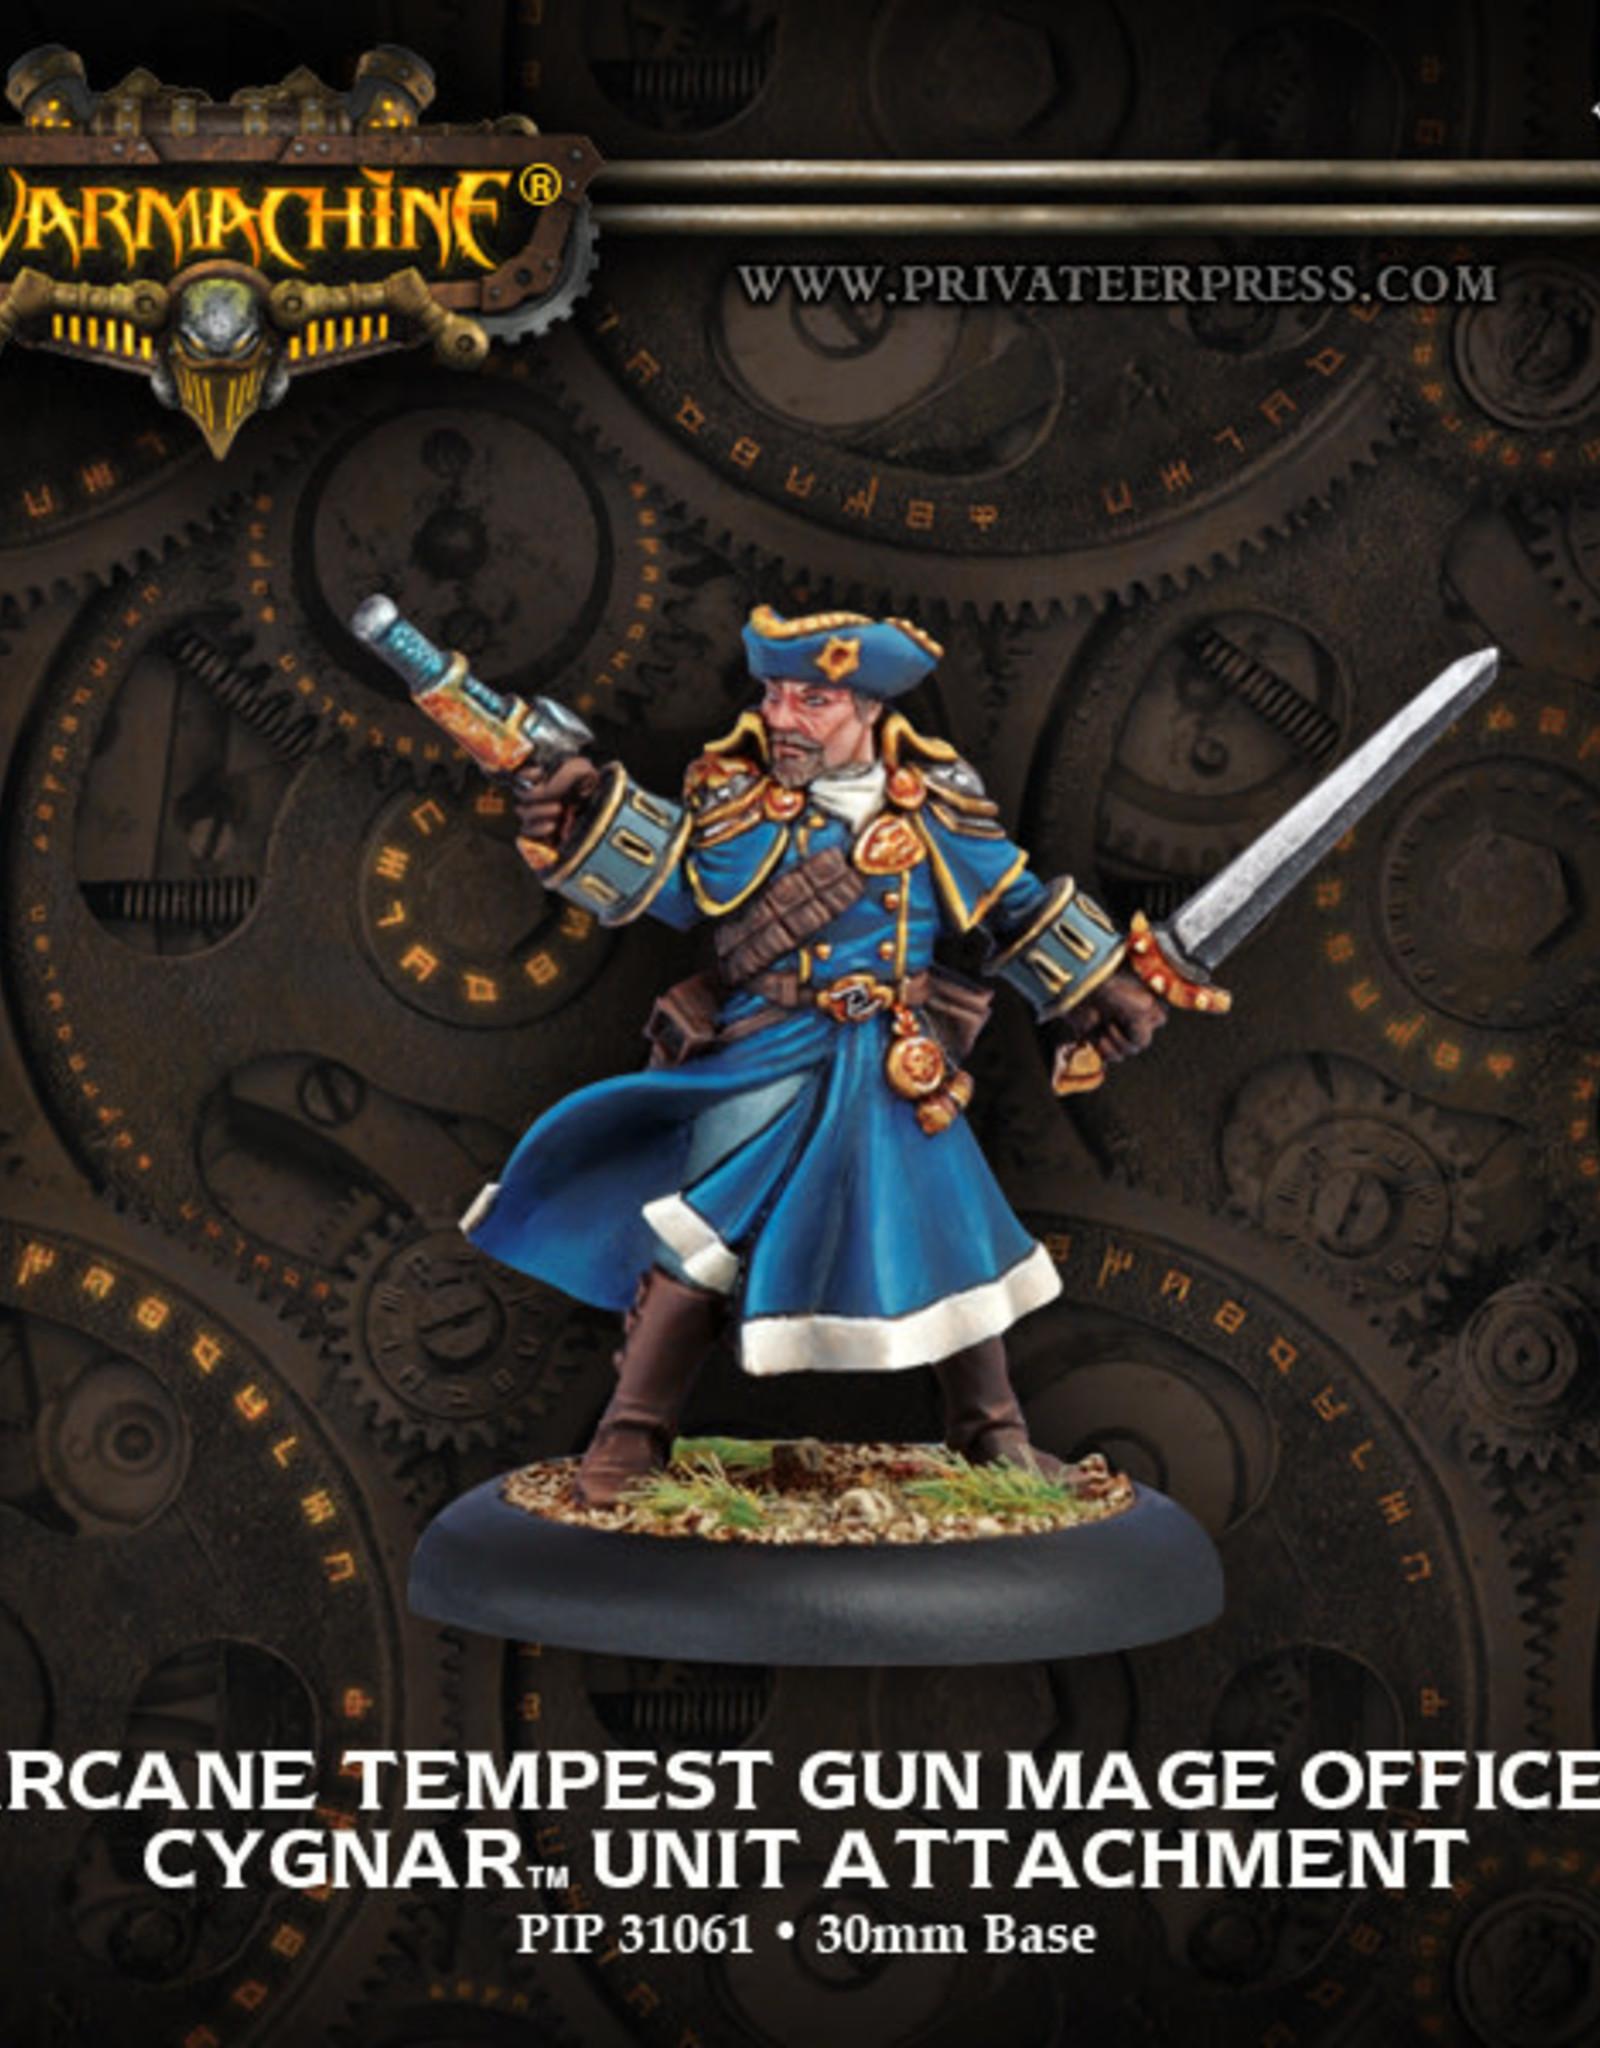 Warmachine Cygnar - Tempest Gun Mage Officer